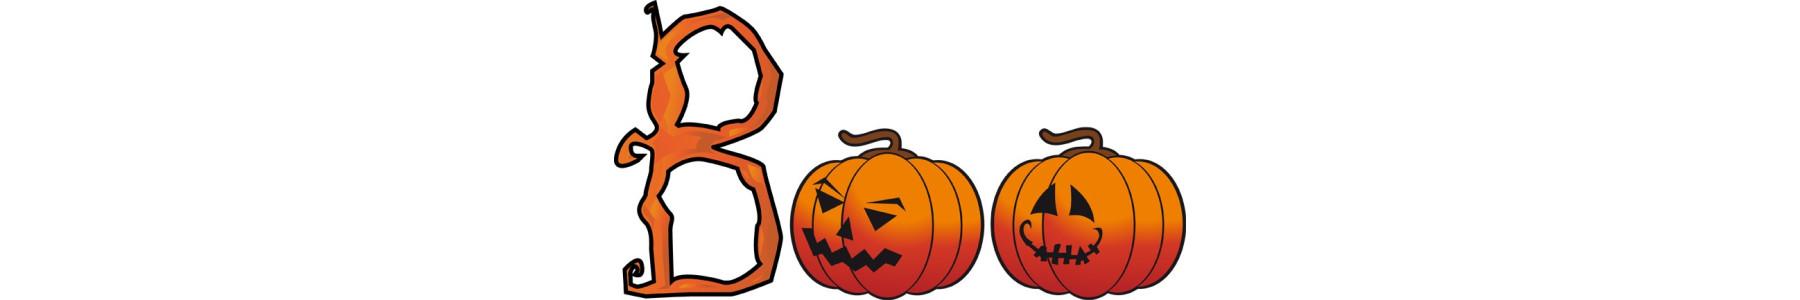 Articole de petrecere Halloween